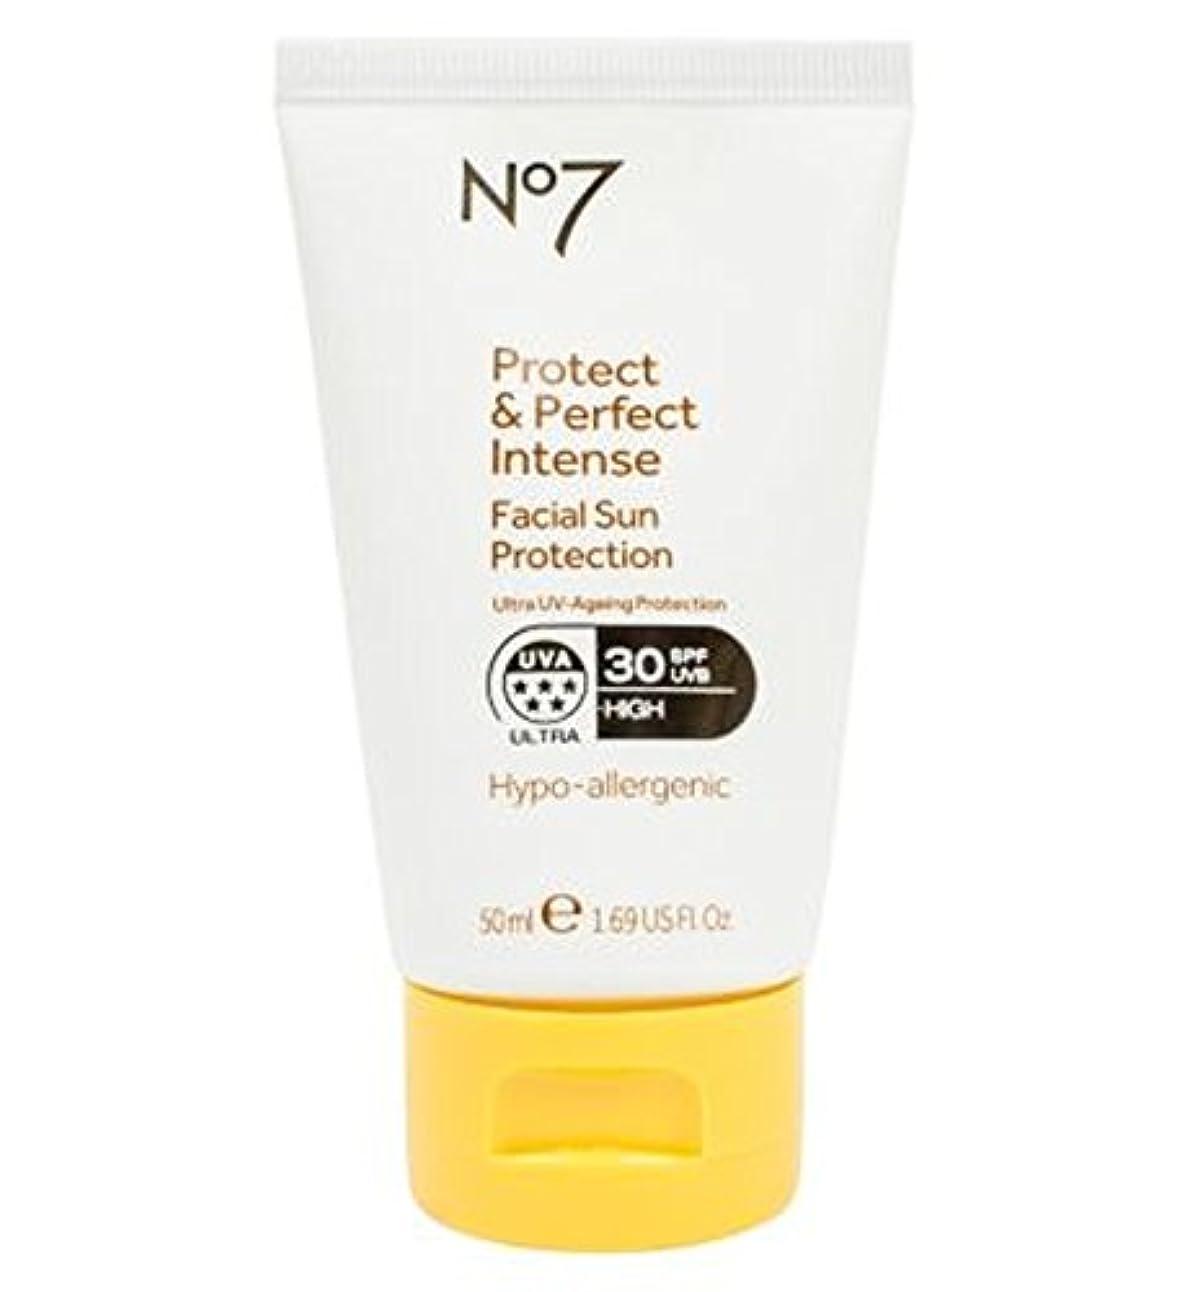 靴楽な浮浪者No7保護&完璧な強烈な顔の日焼け防止Spf 30 50ミリリットル (No7) (x2) - No7 Protect & Perfect Intense Facial Sun Protection SPF 30 50ml (Pack of 2) [並行輸入品]